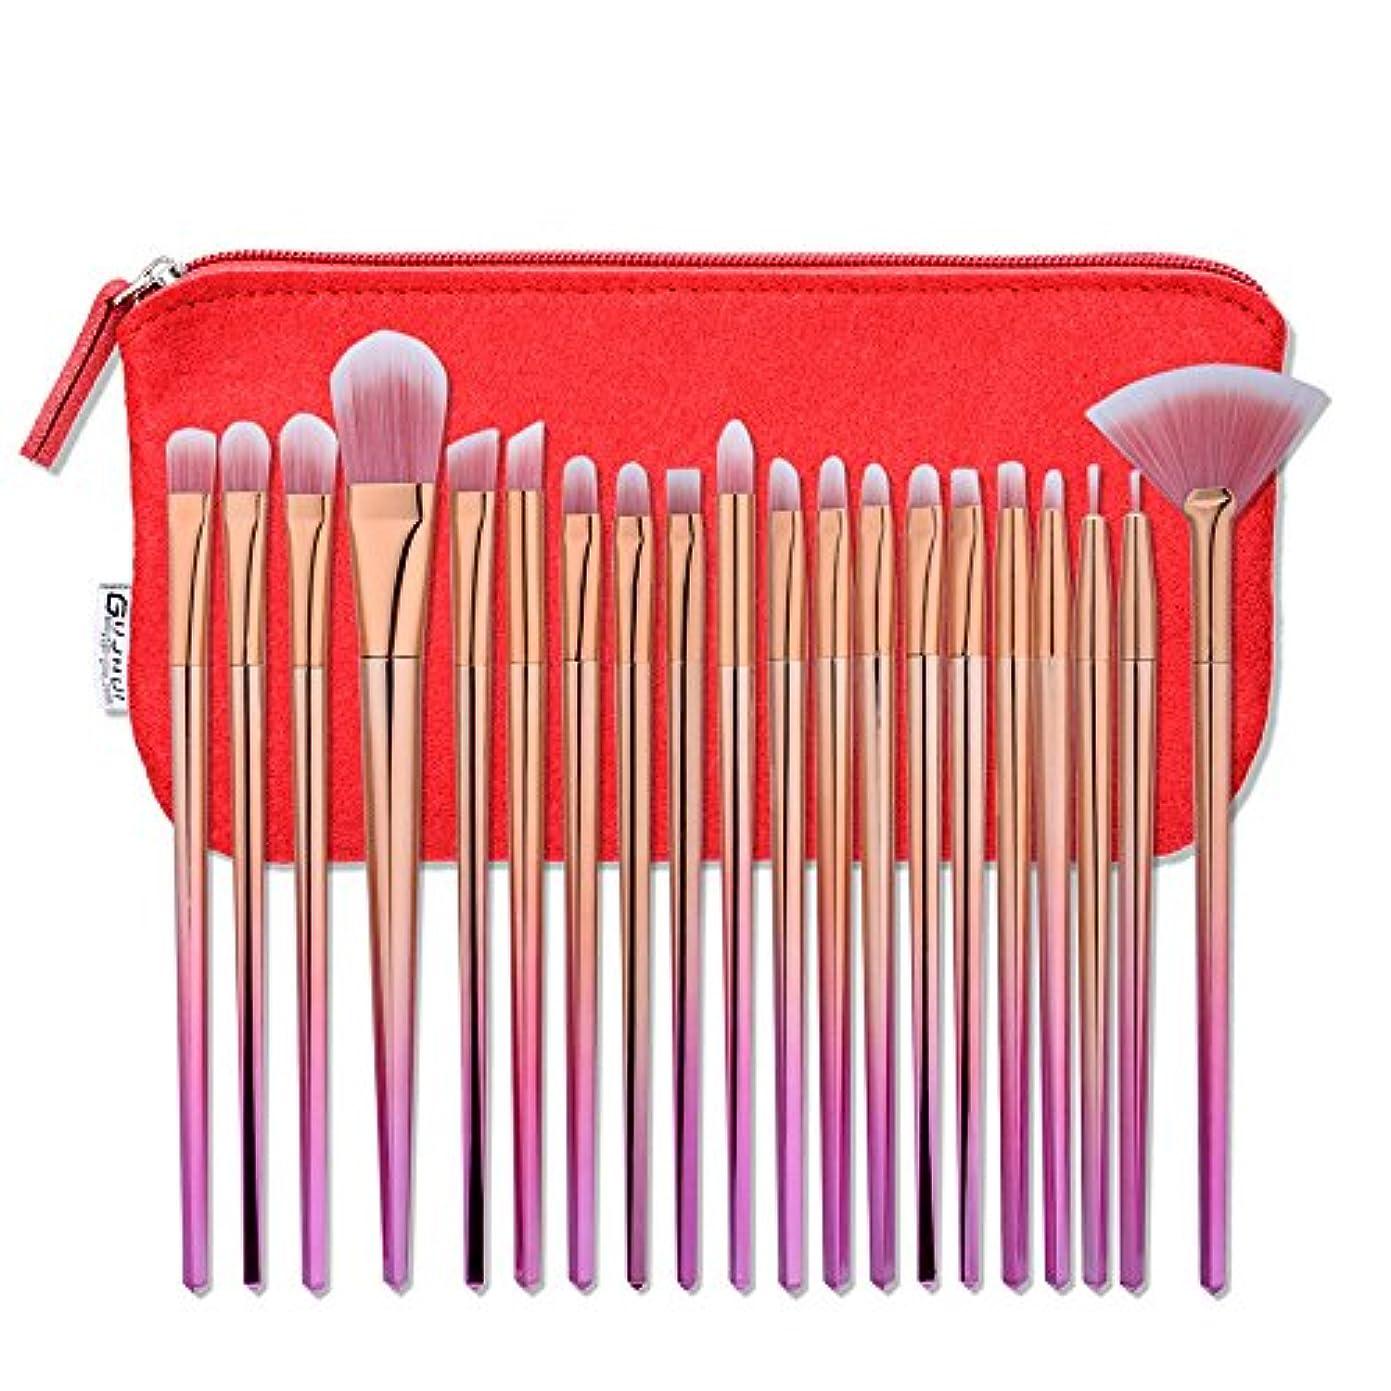 知覚できる反射赤Akane 20本 GUJHUI 超綺麗 魅力的 ピンクゴールド セート 多機能 高級 柔らかい レッドポーチ付き たっぷり 上等 激安 日常 仕事 おしゃれ Makeup Brush メイクアップブラシ 20-024